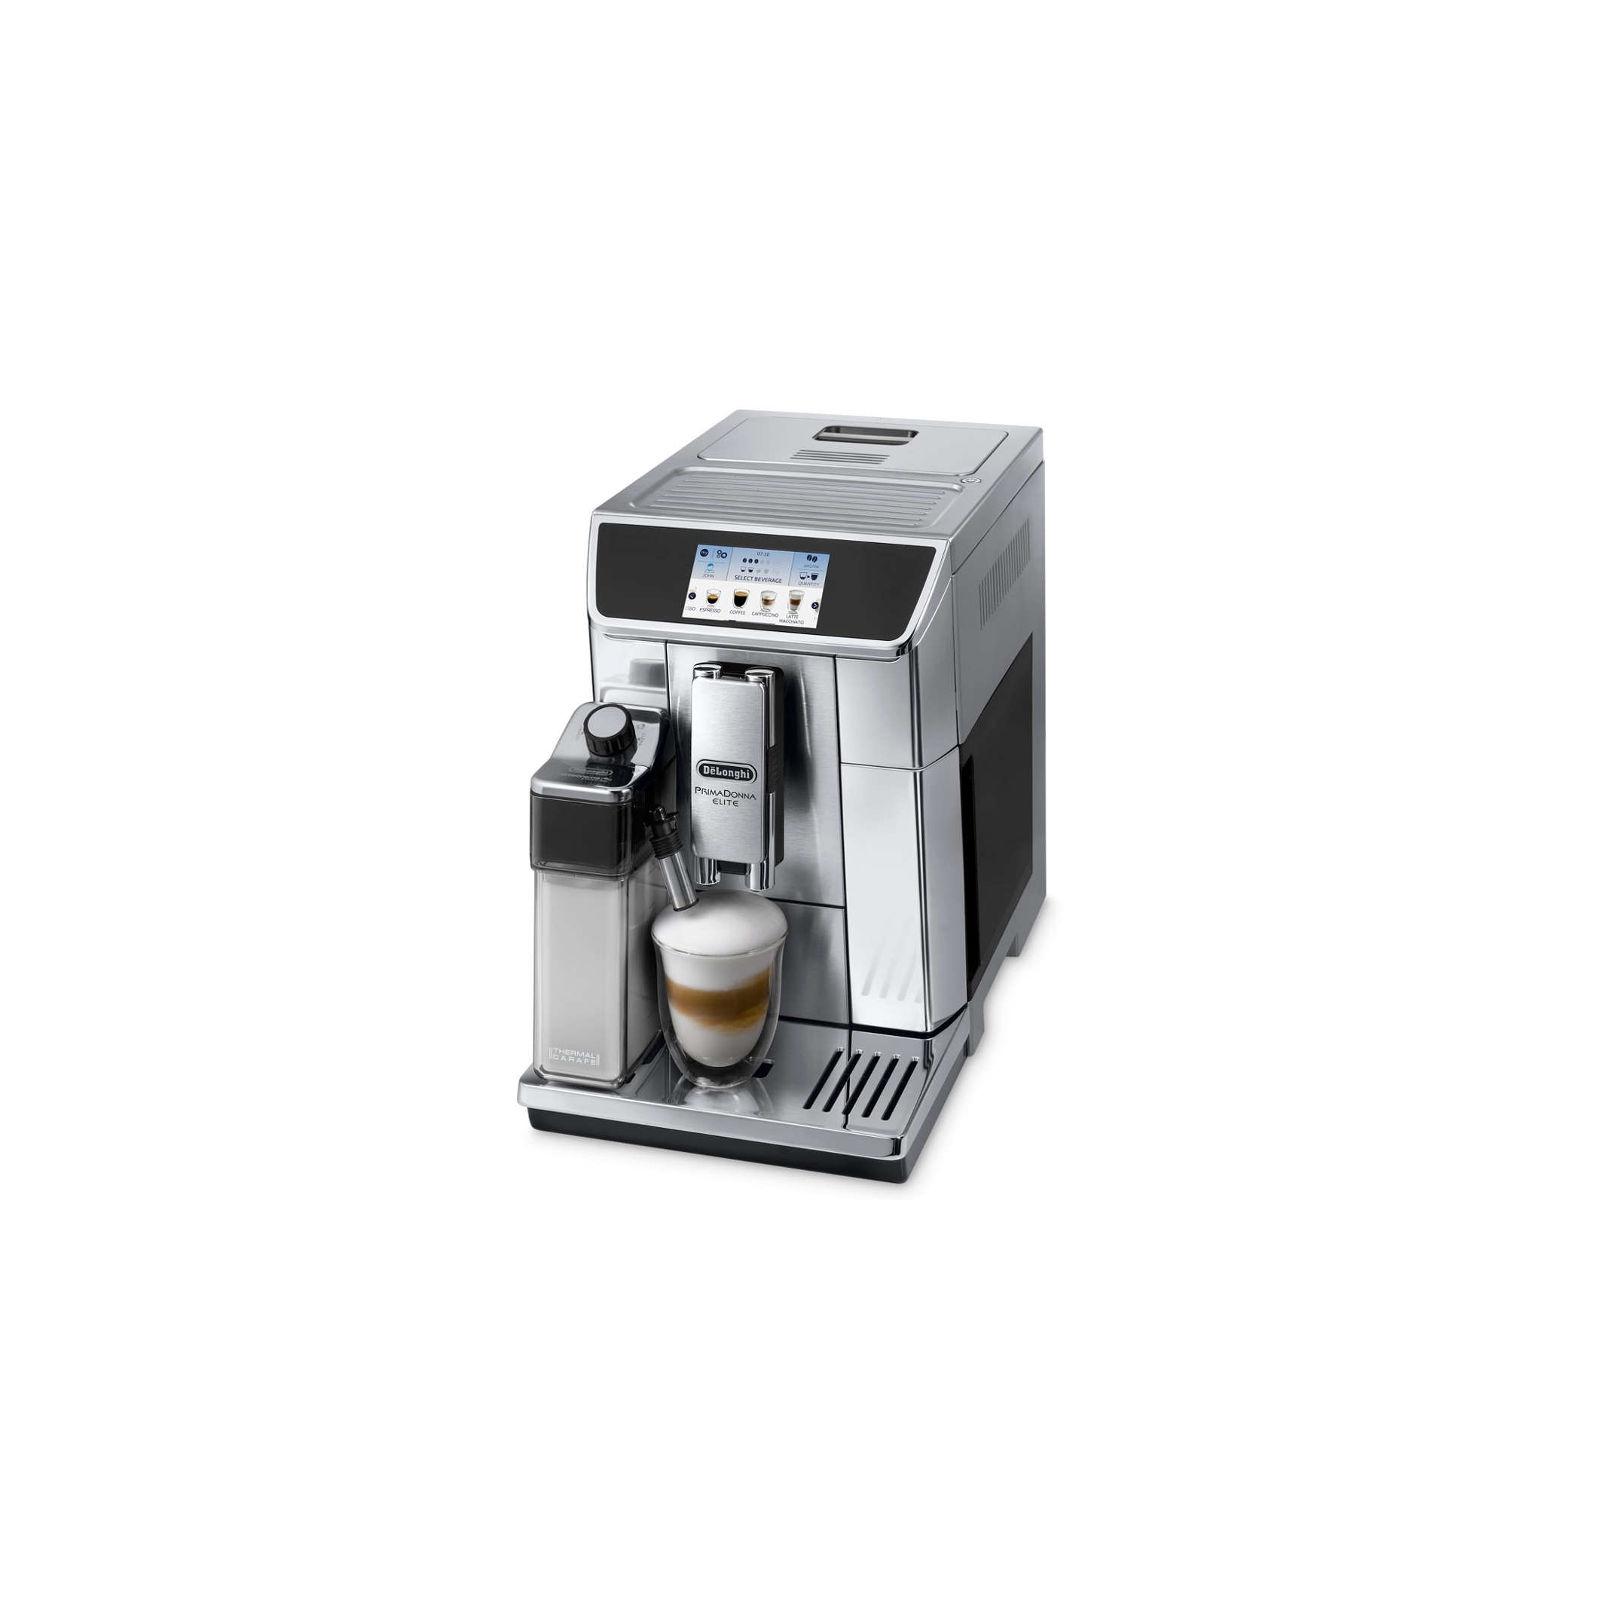 Кофеварка DeLonghi ECAM 650.75 MS изображение 4